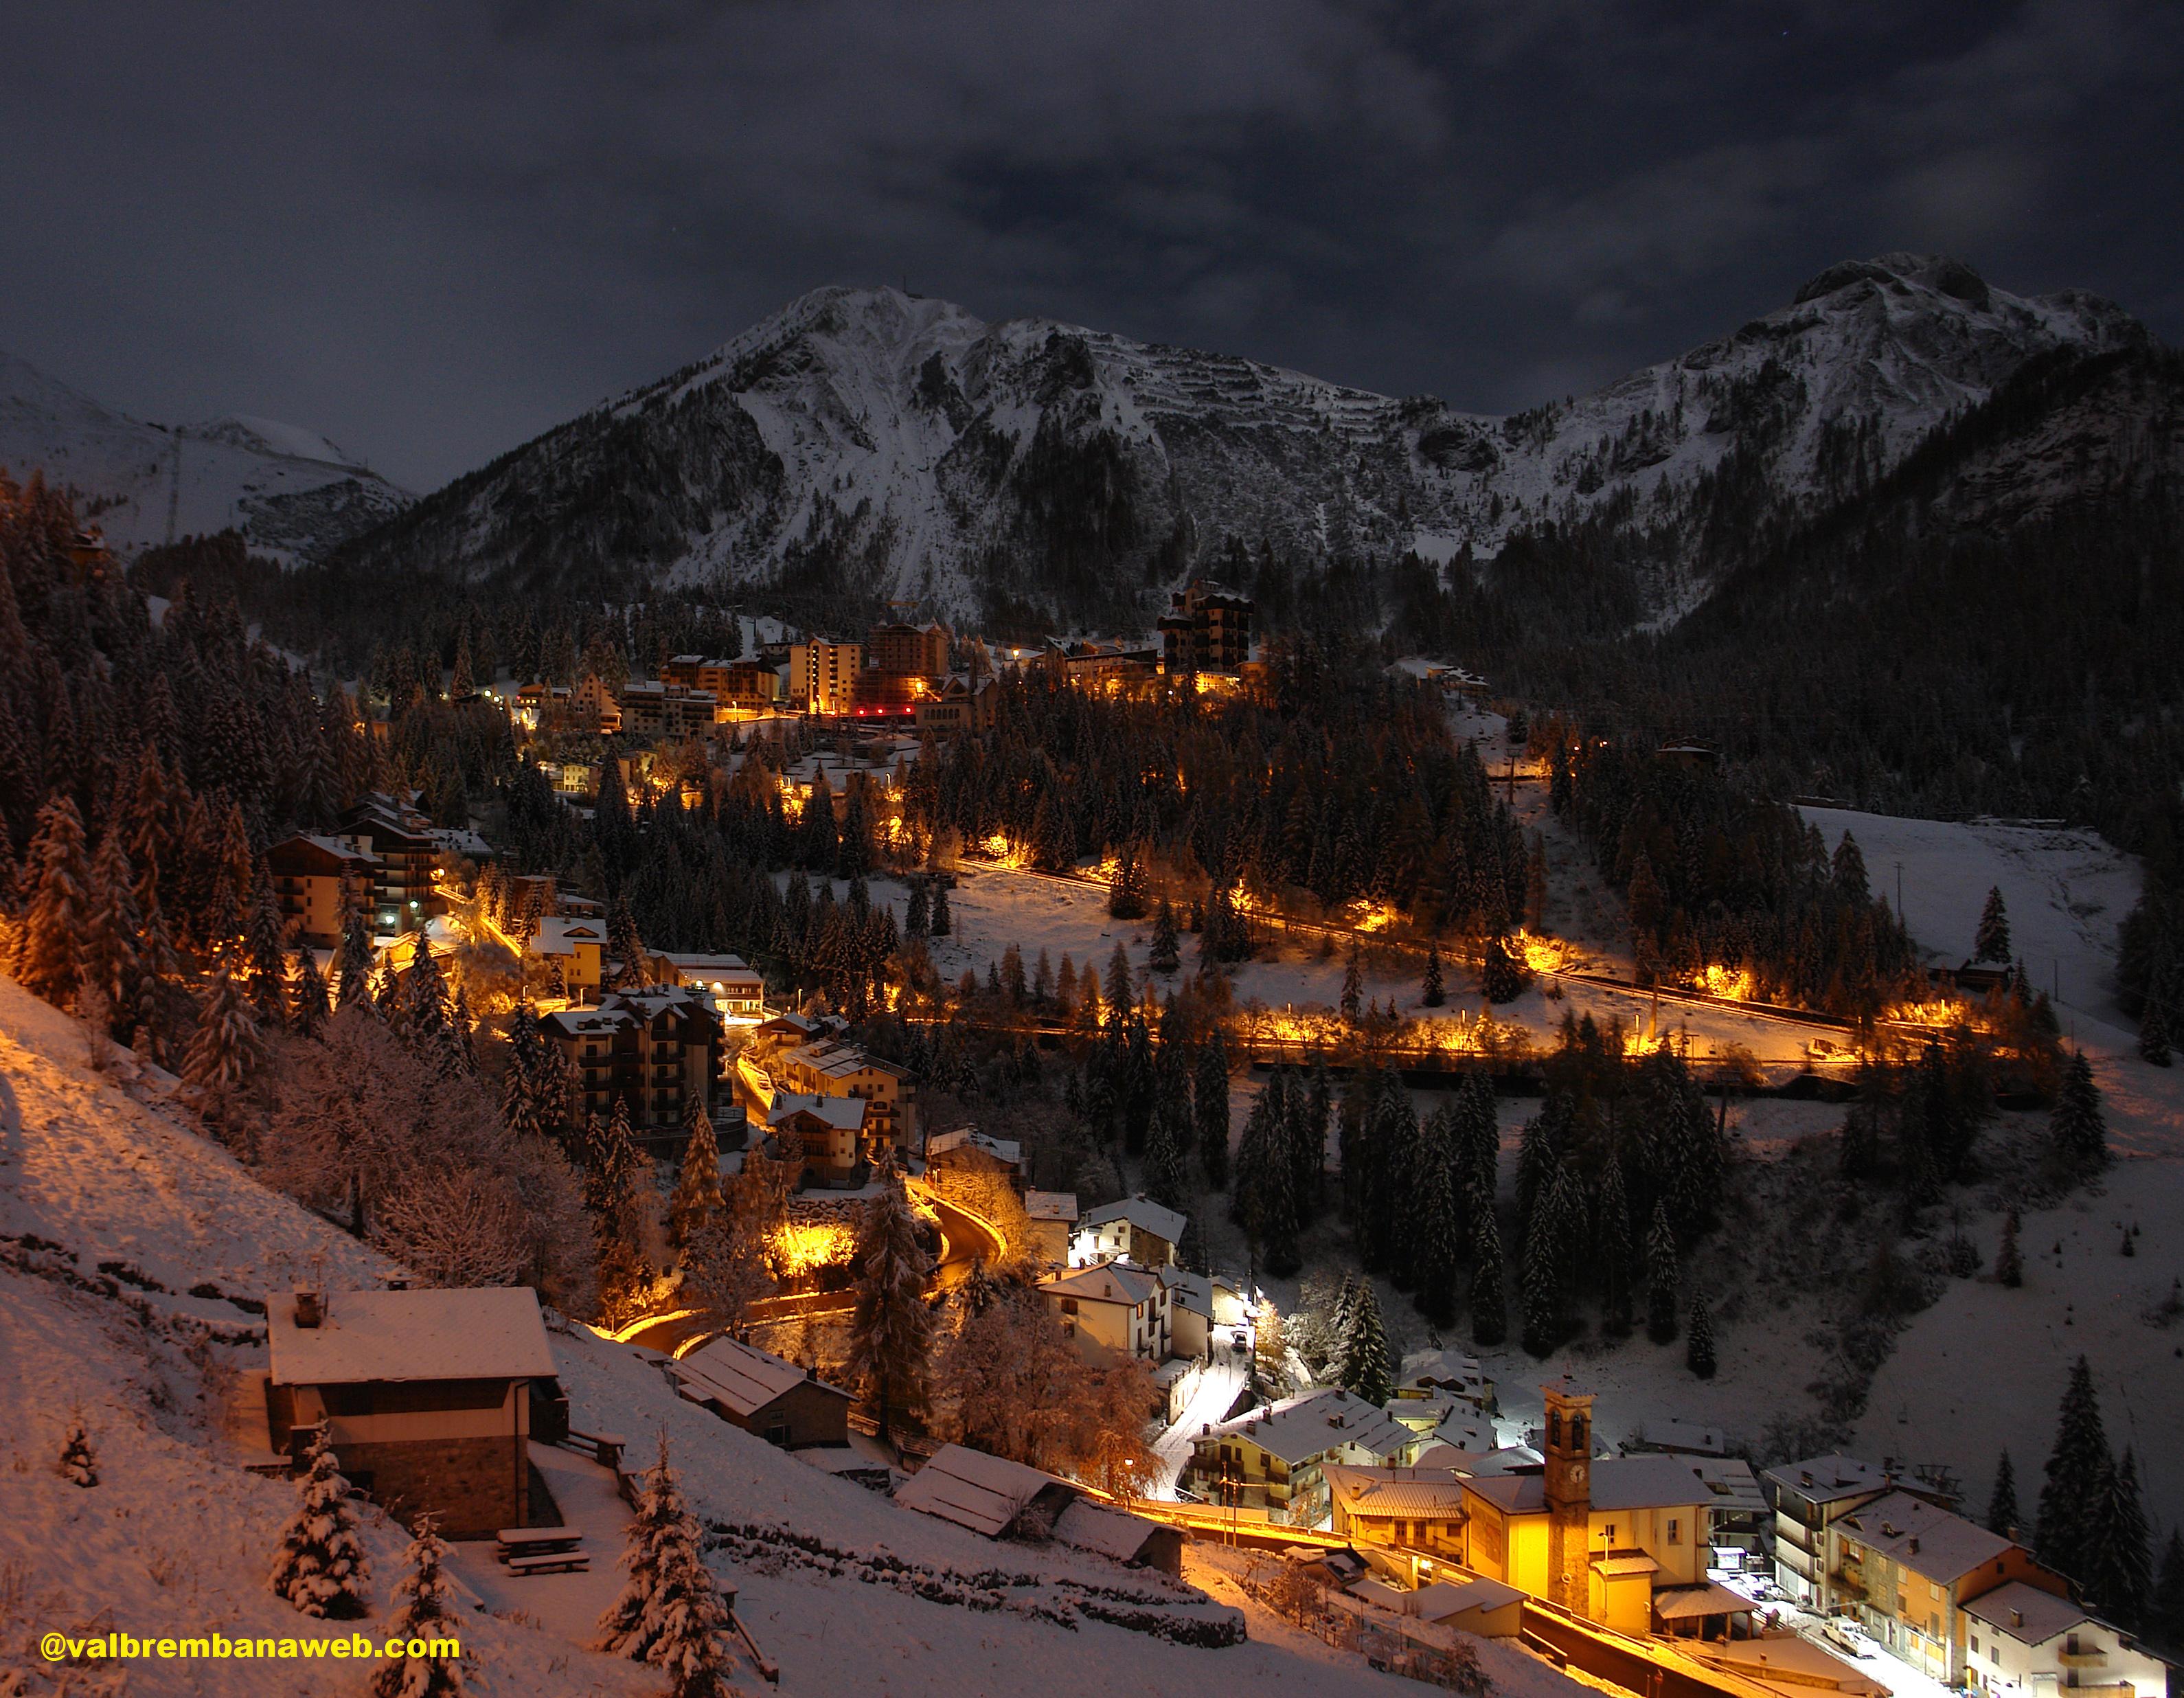 neve stazioni sciistiche lombardy italy - photo#27